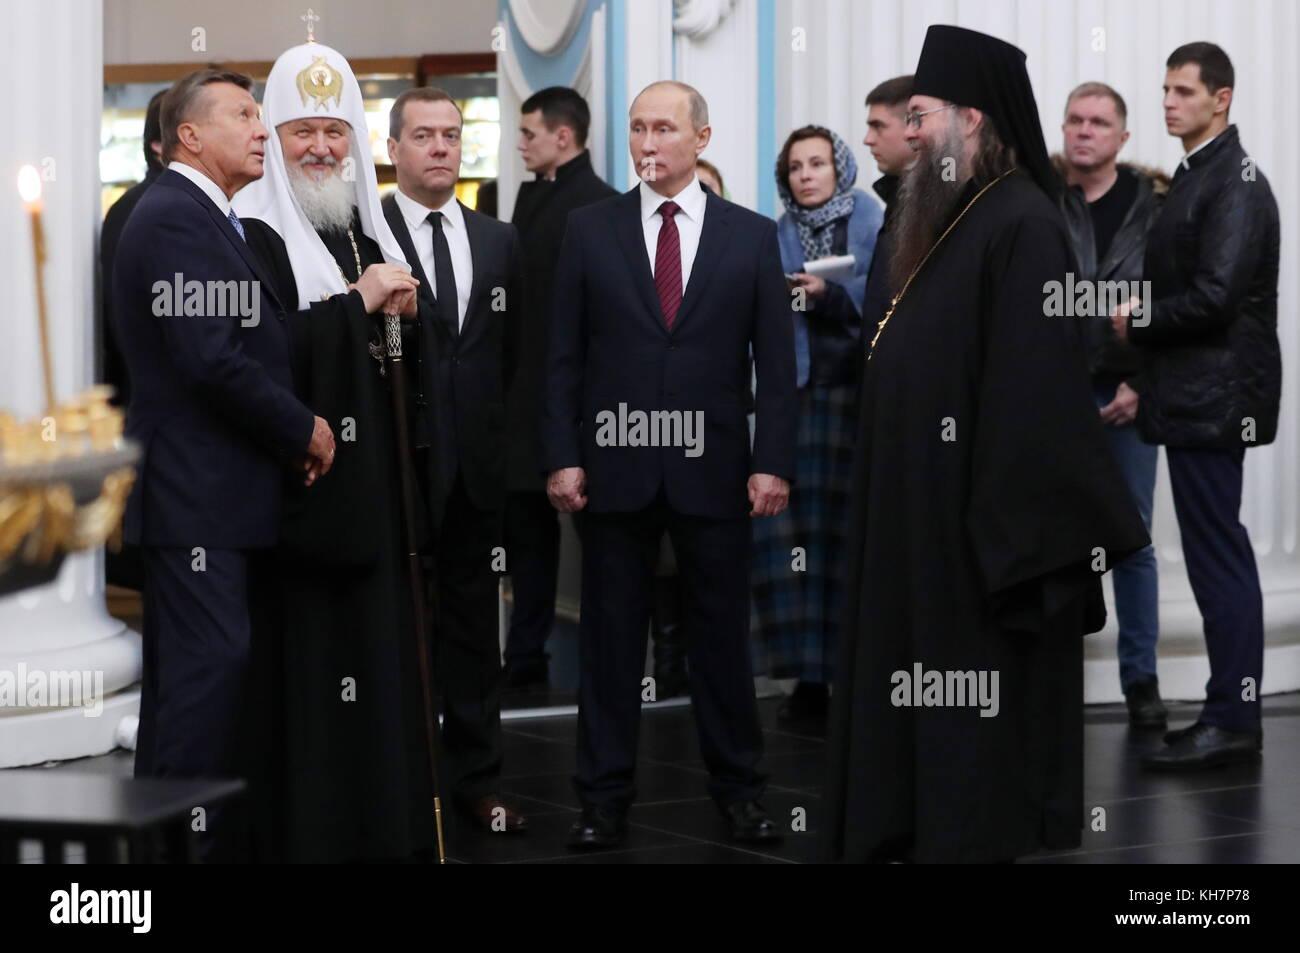 Region Moskau, Russland. 15 Nov, 2017. Vorstandsvorsitzender des Charity Fonds für die Wiederherstellung des neuen Stockfoto